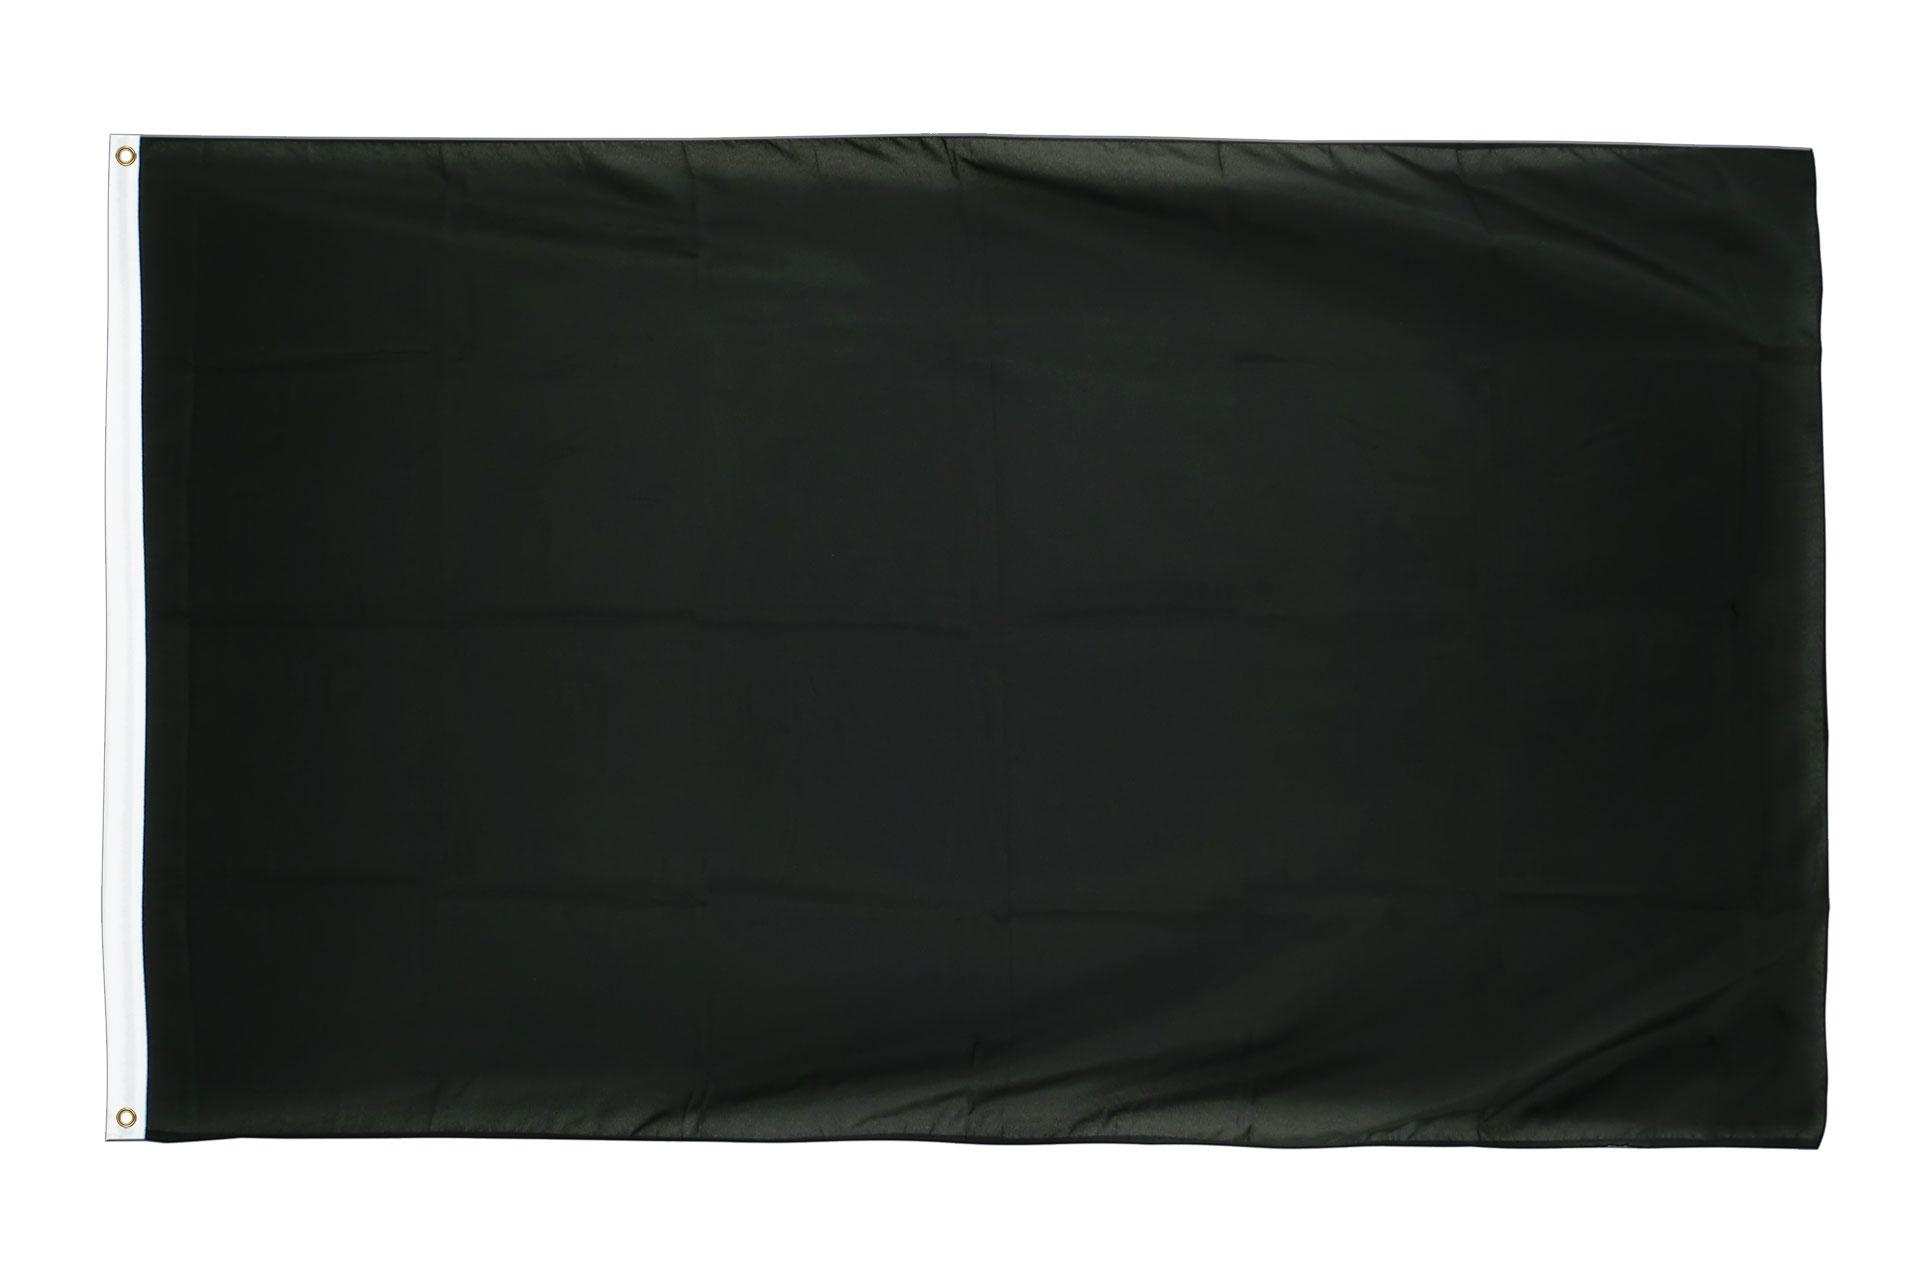 Drapeau pas cher noir 60 x 90 cm monsieur des drapeaux for Drapeau publicitaire exterieur pas cher